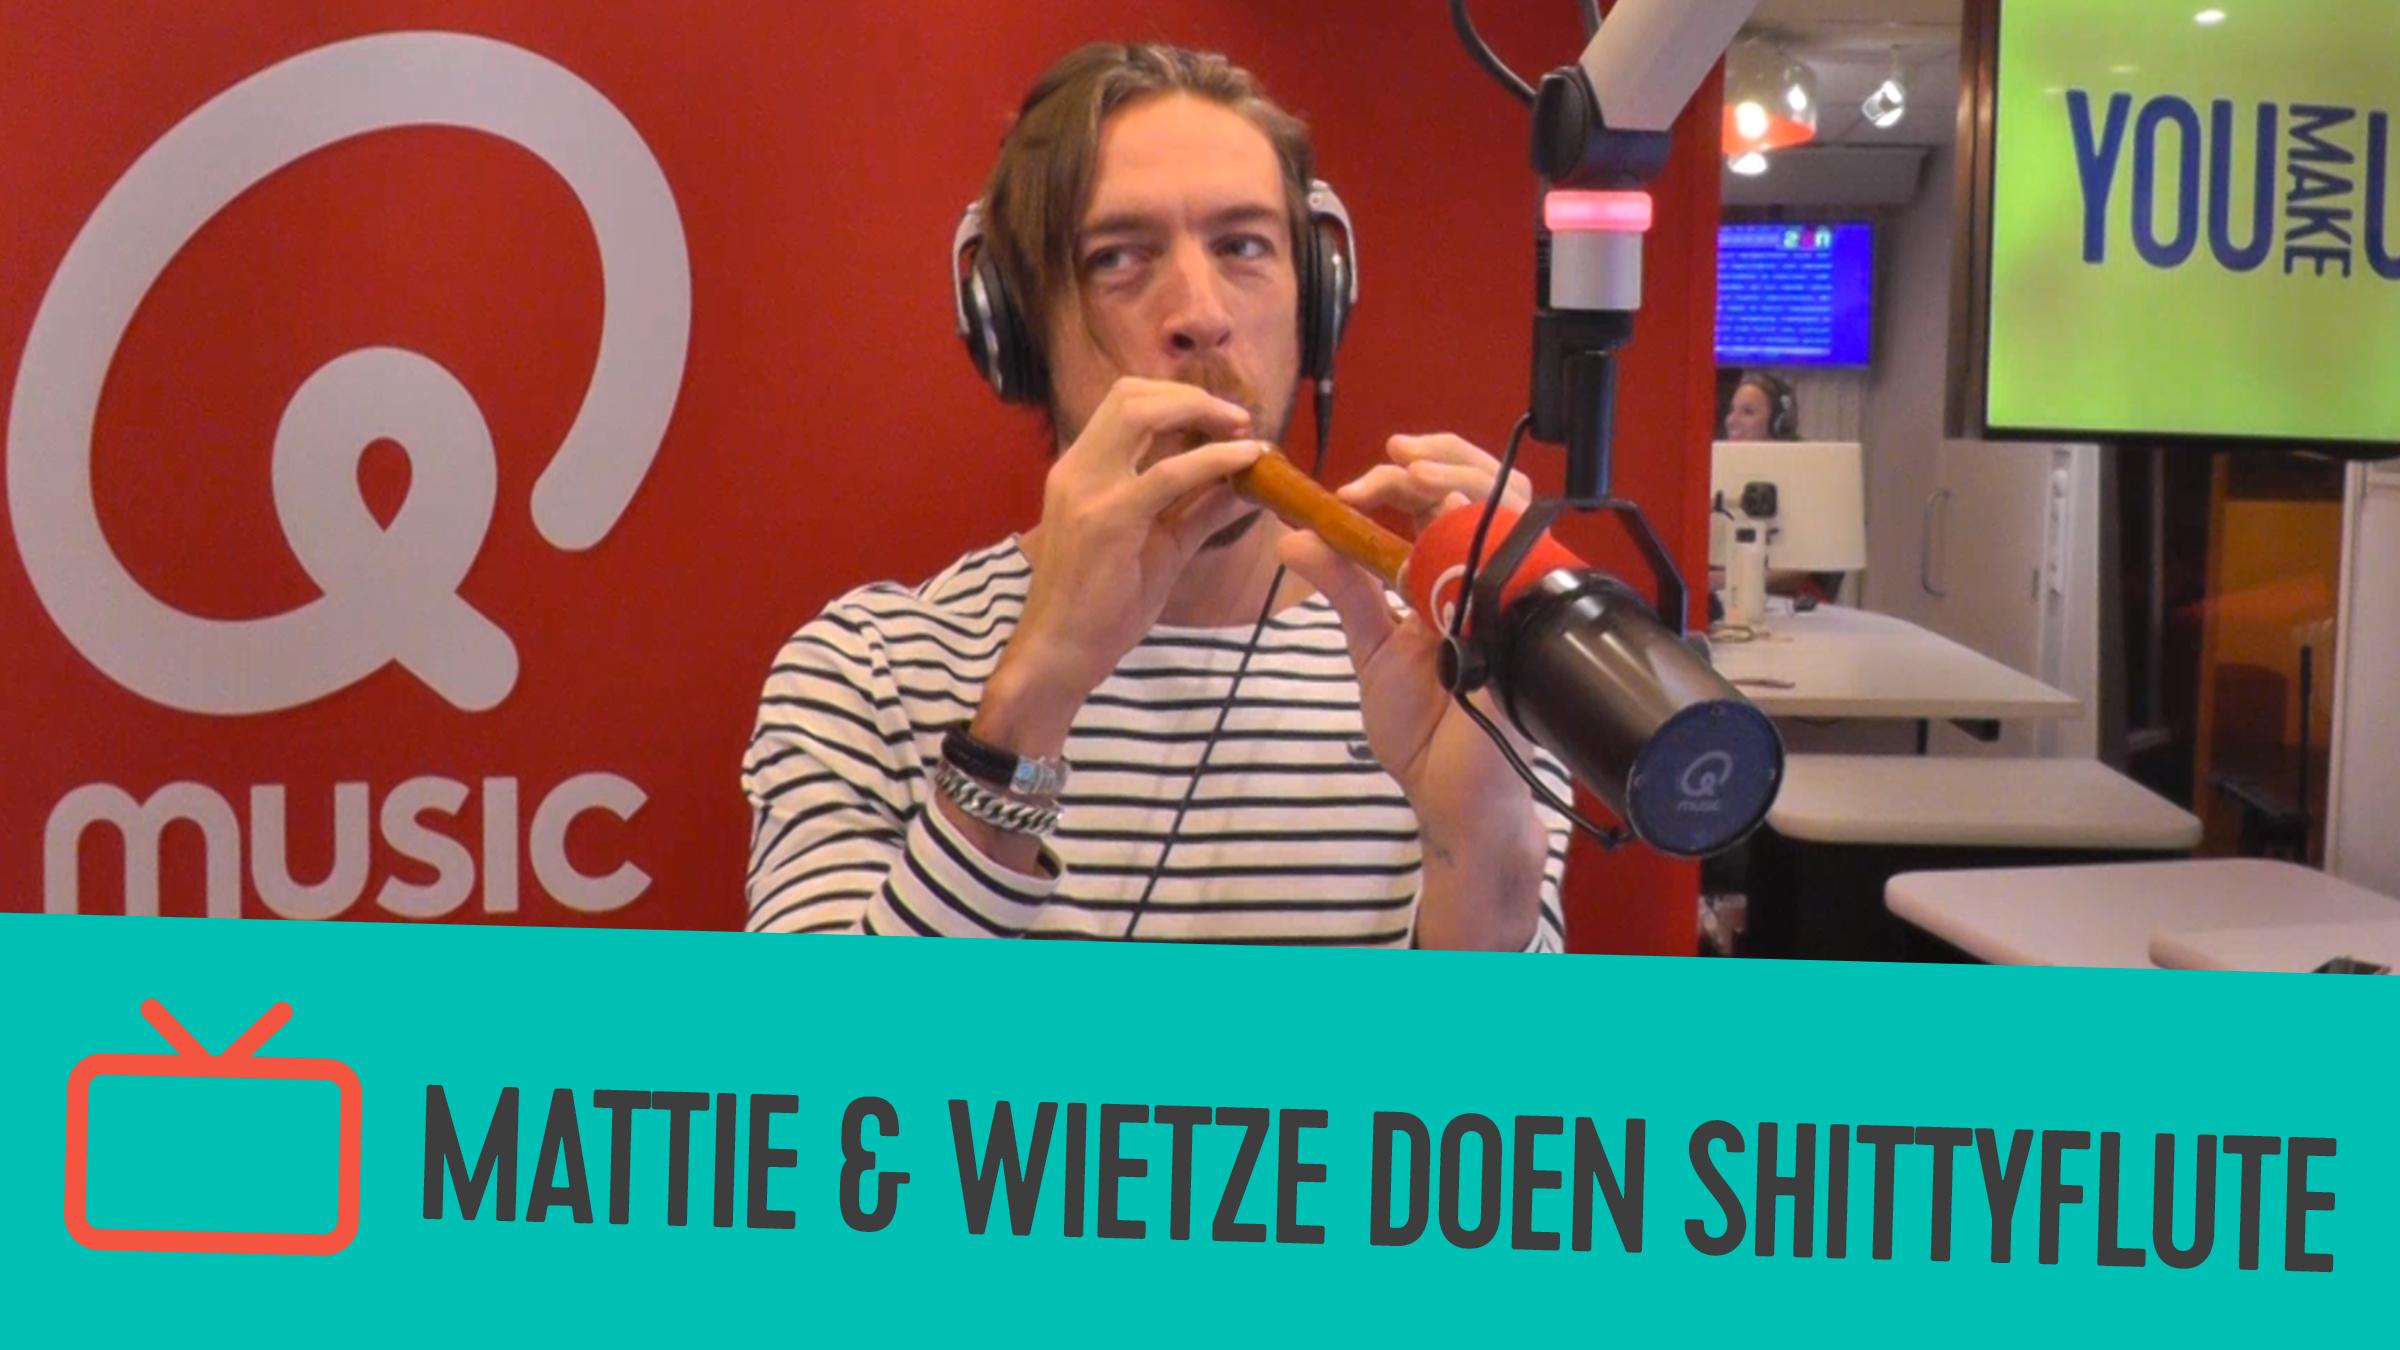 Shittyflute